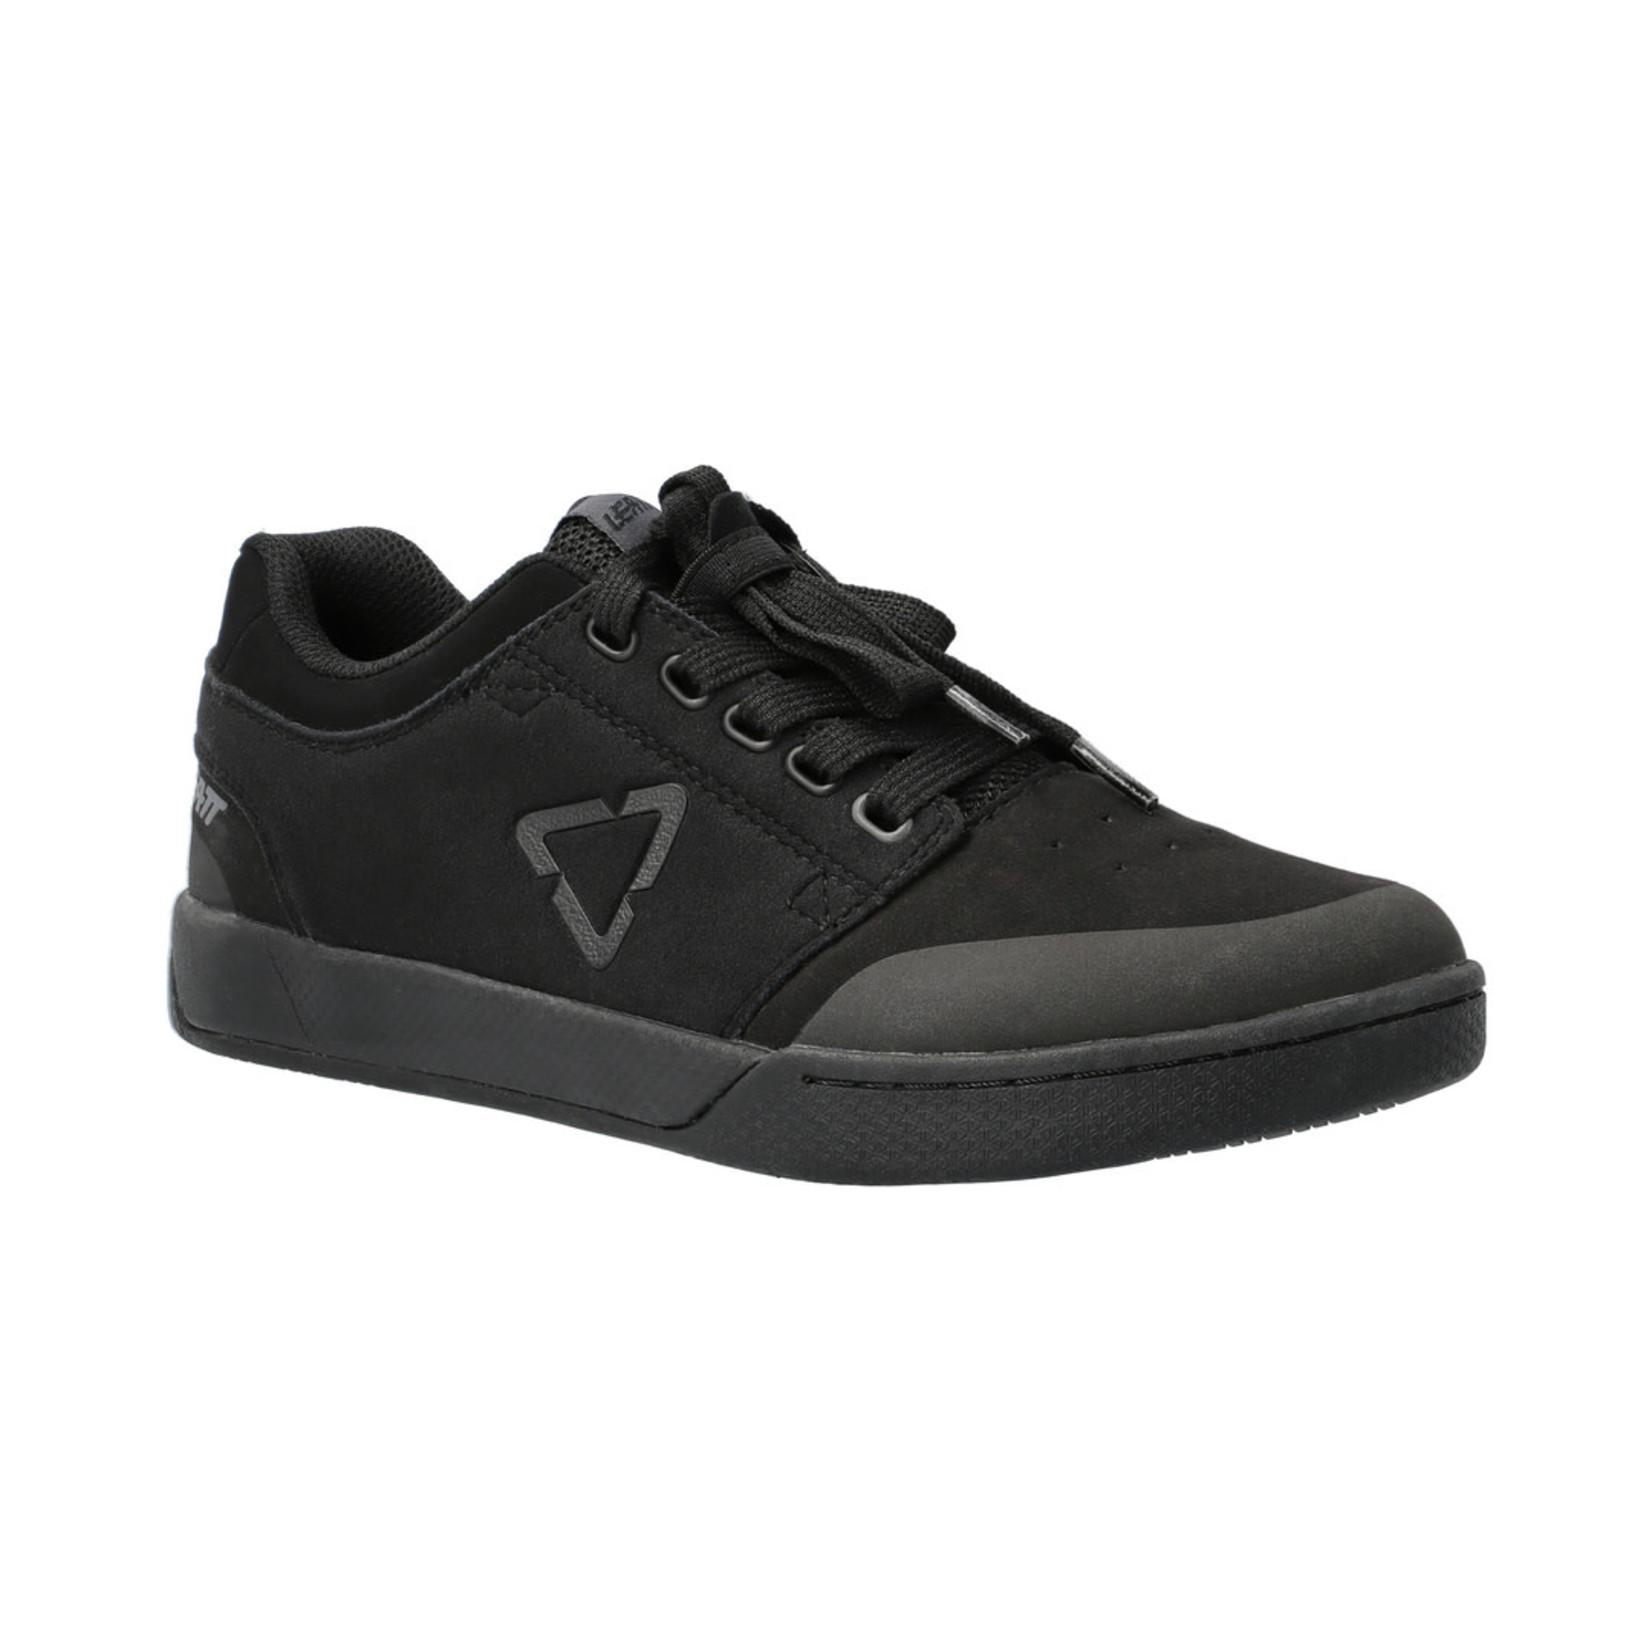 LEATT LEATT - scarpe DBX 2.0 Flat - Black